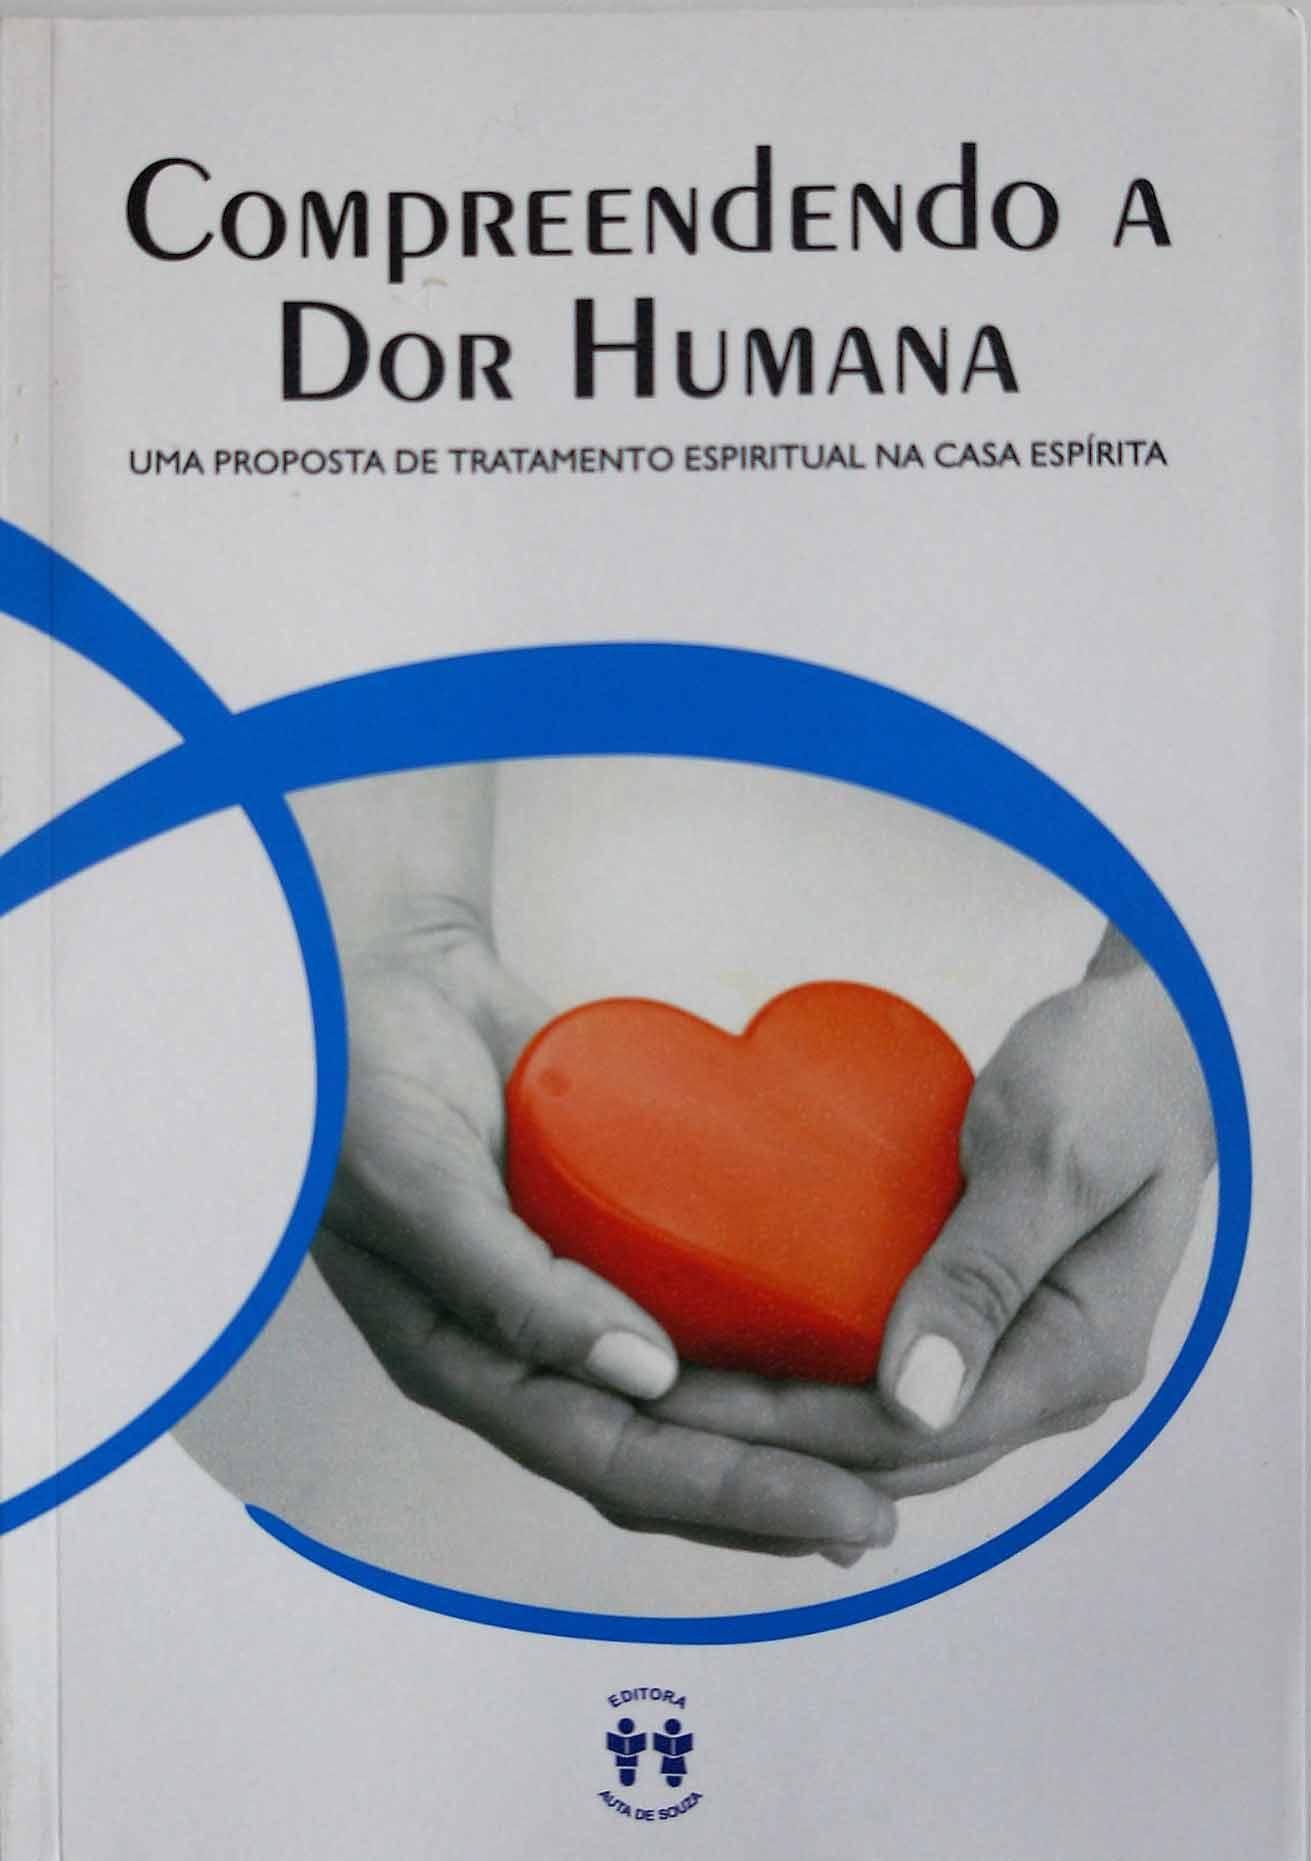 COMPREENDENDO A DOR HUMANA - UMA PROPOSTA DE TRATAMENTO ESPÍRITUAL NA